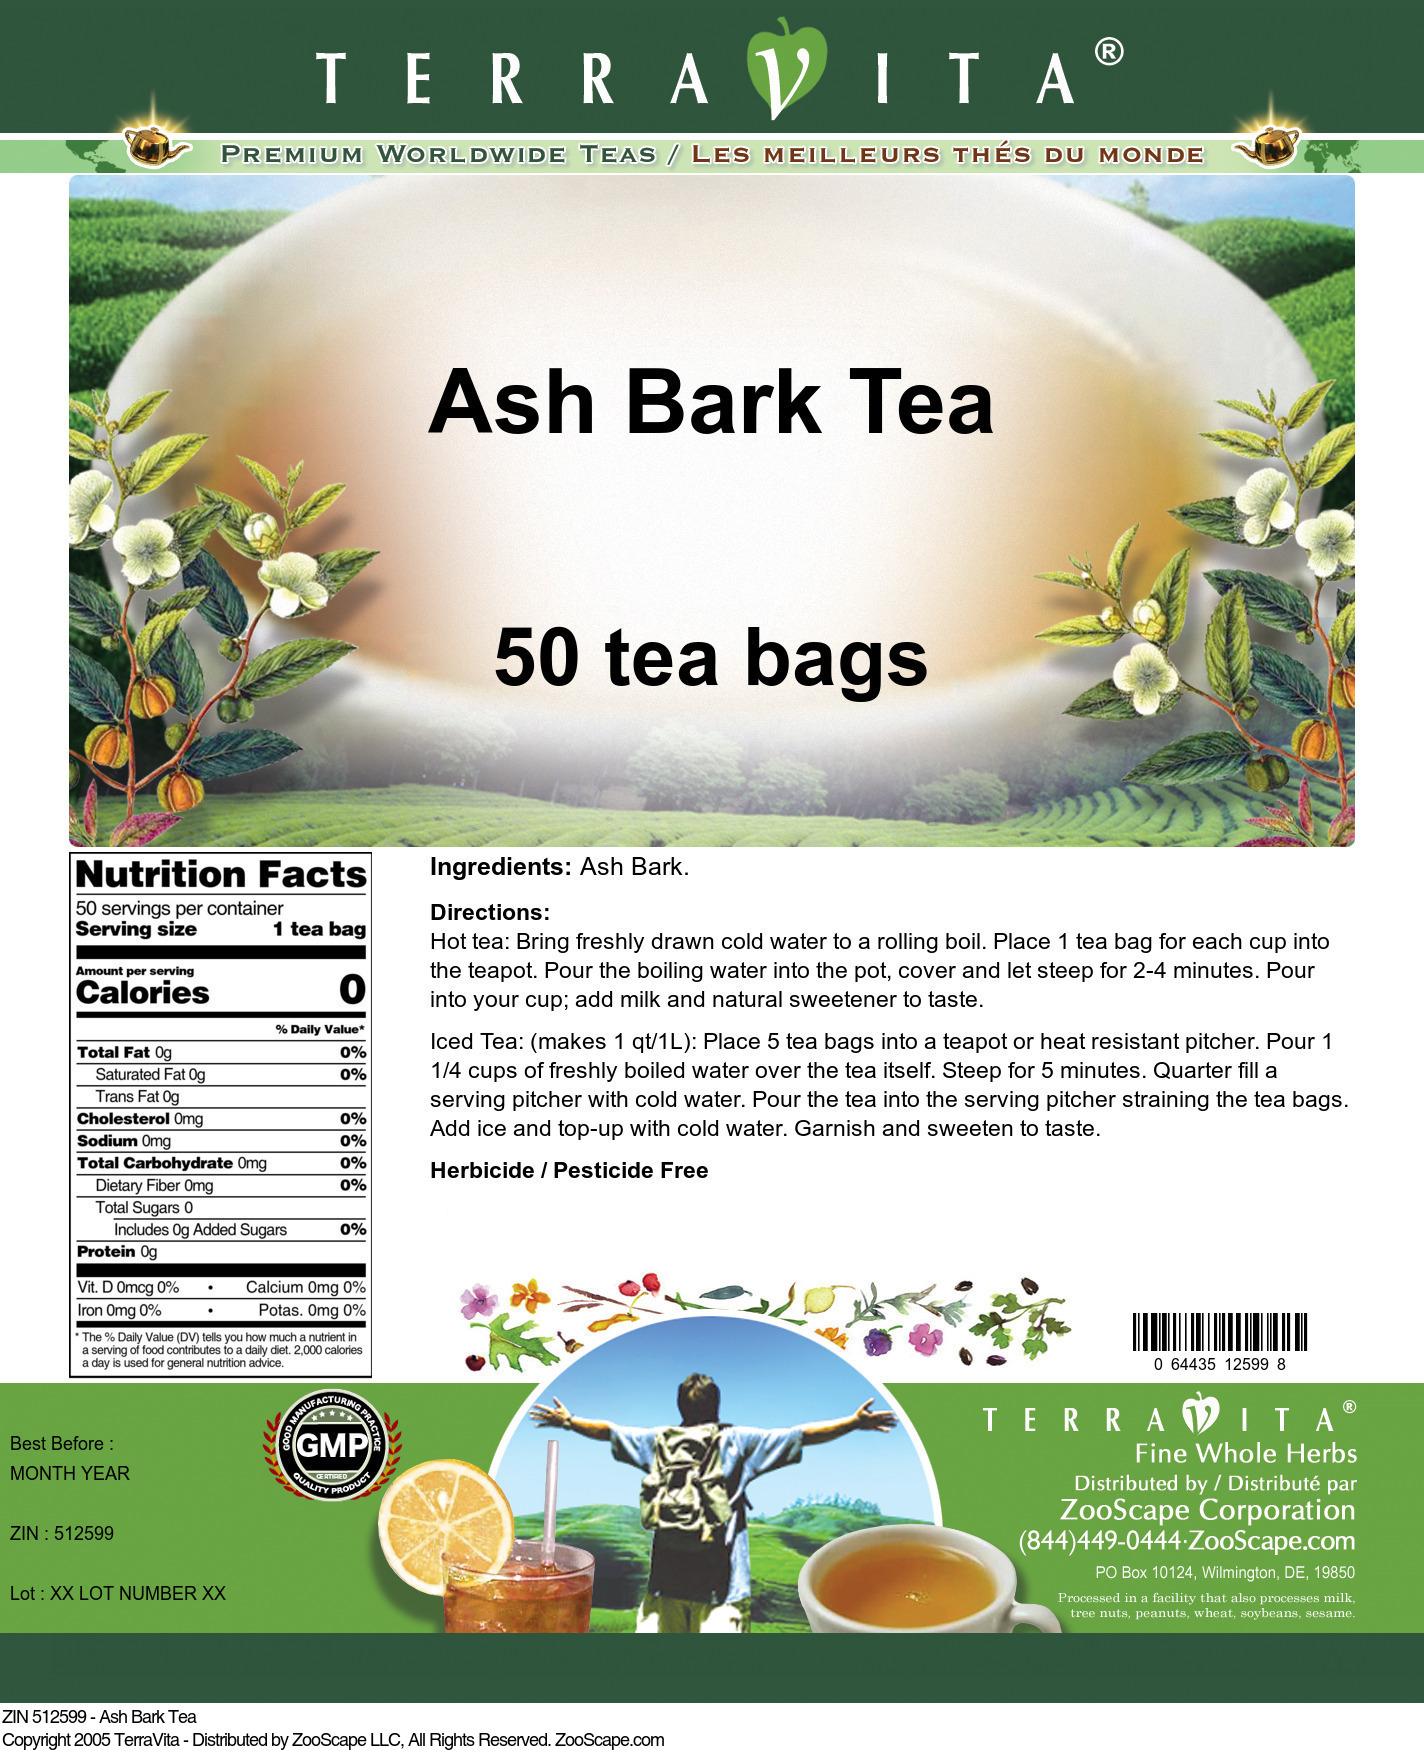 Ash Bark Tea